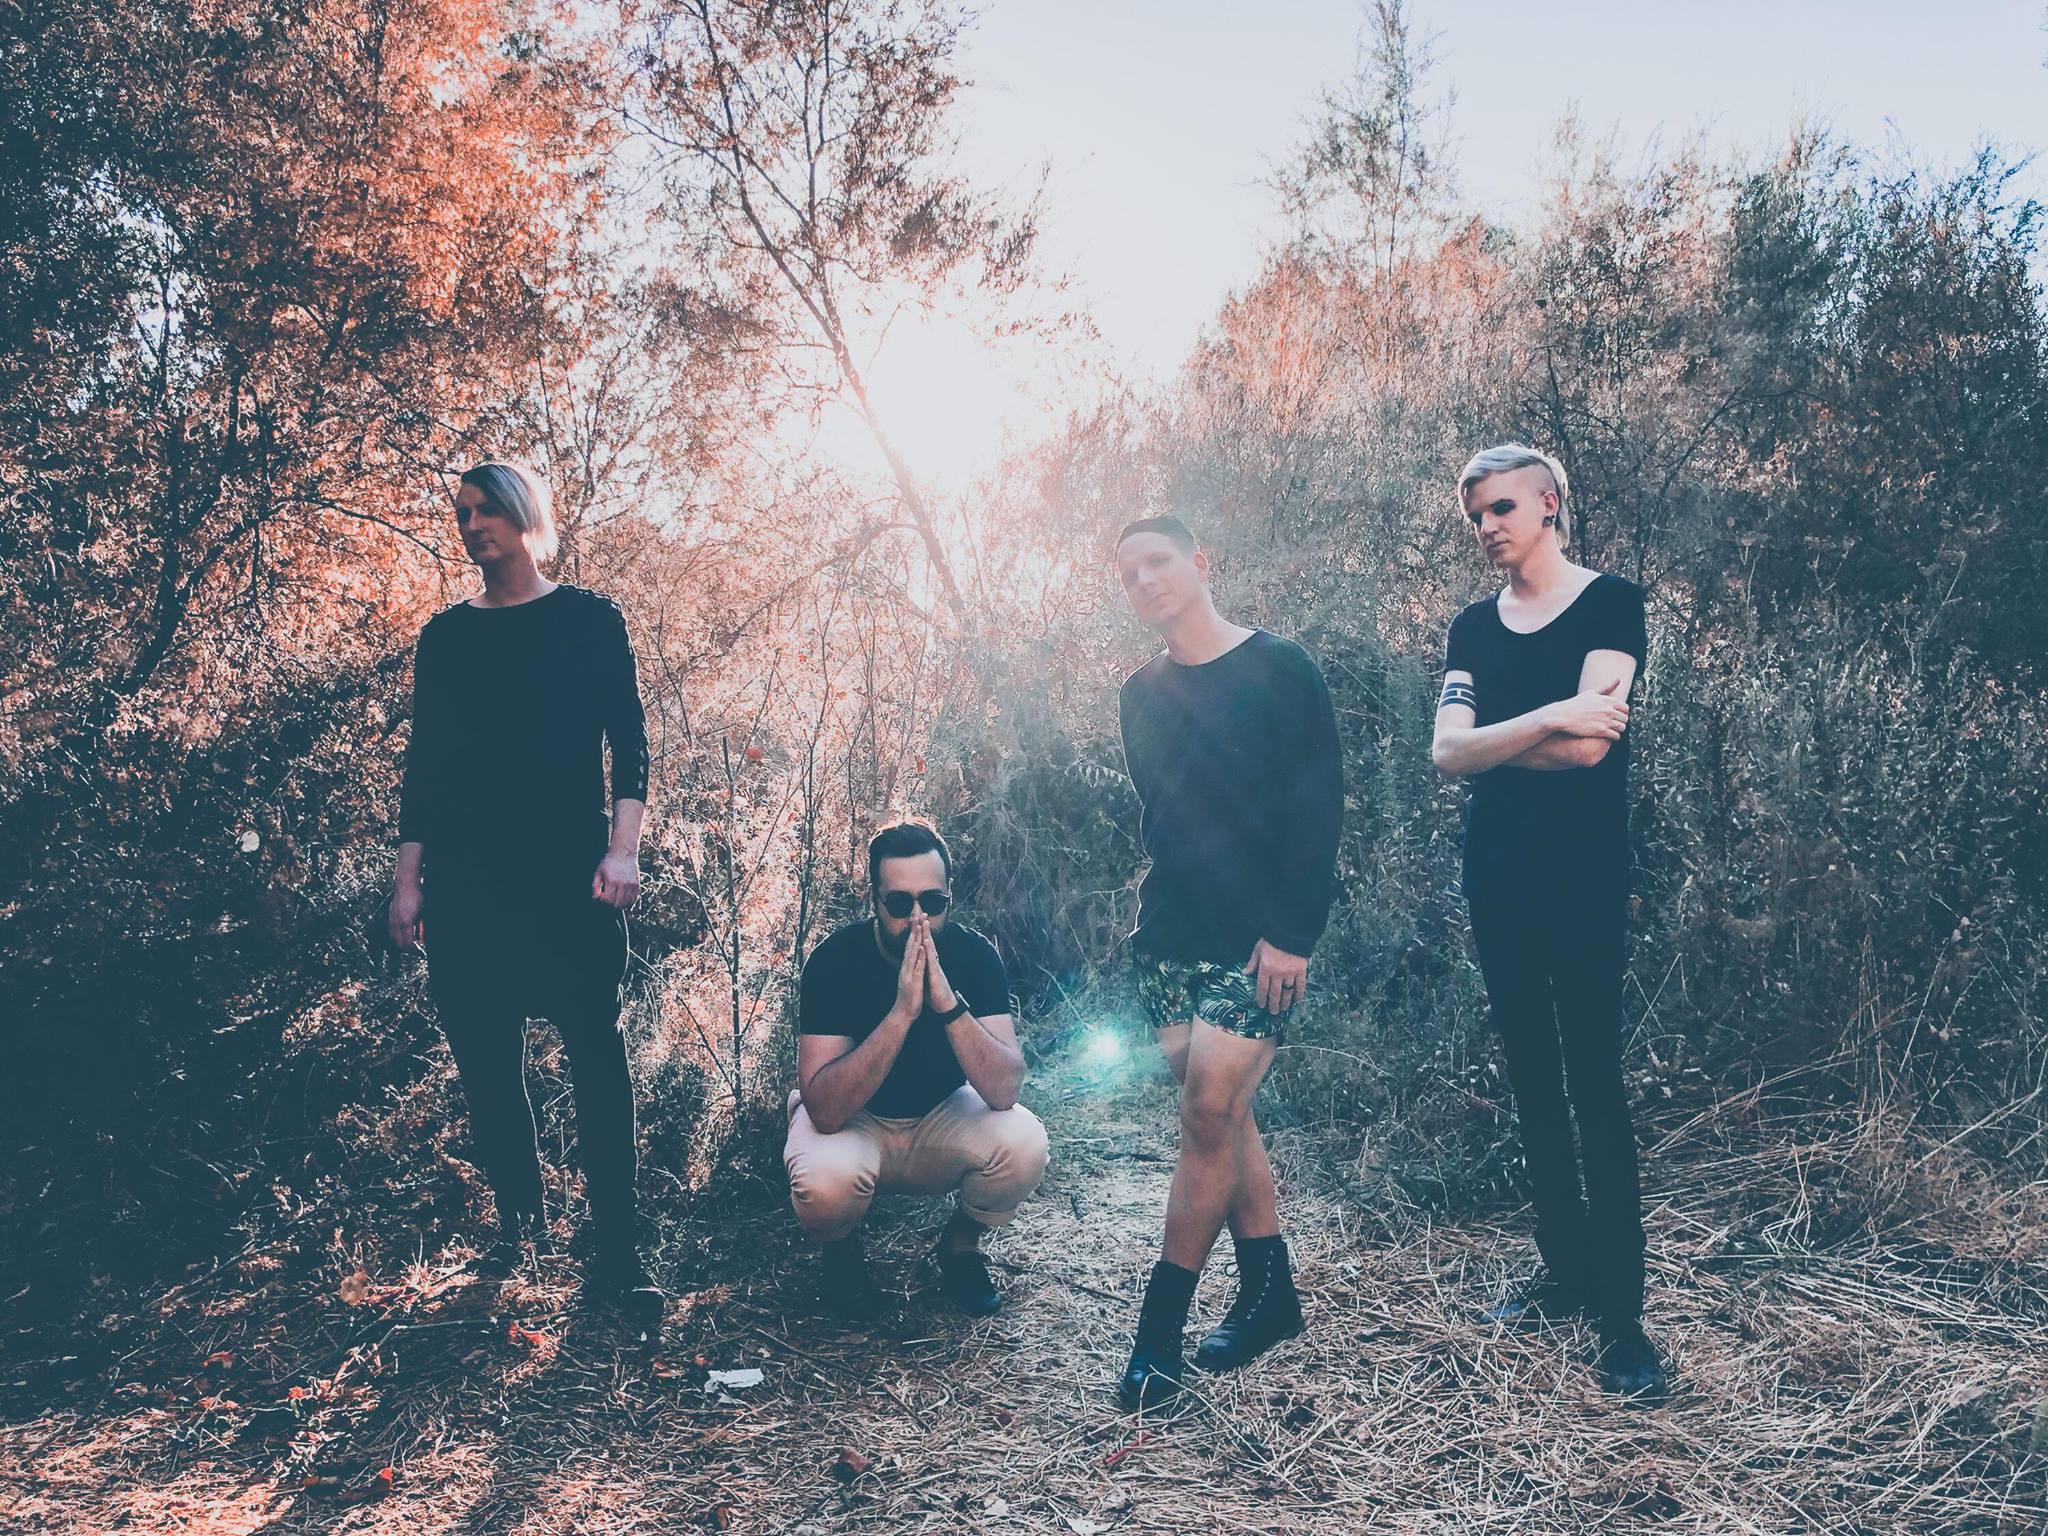 後龐克樂團 Creux Lies 釋出新音樂歌詞影音 Made 1